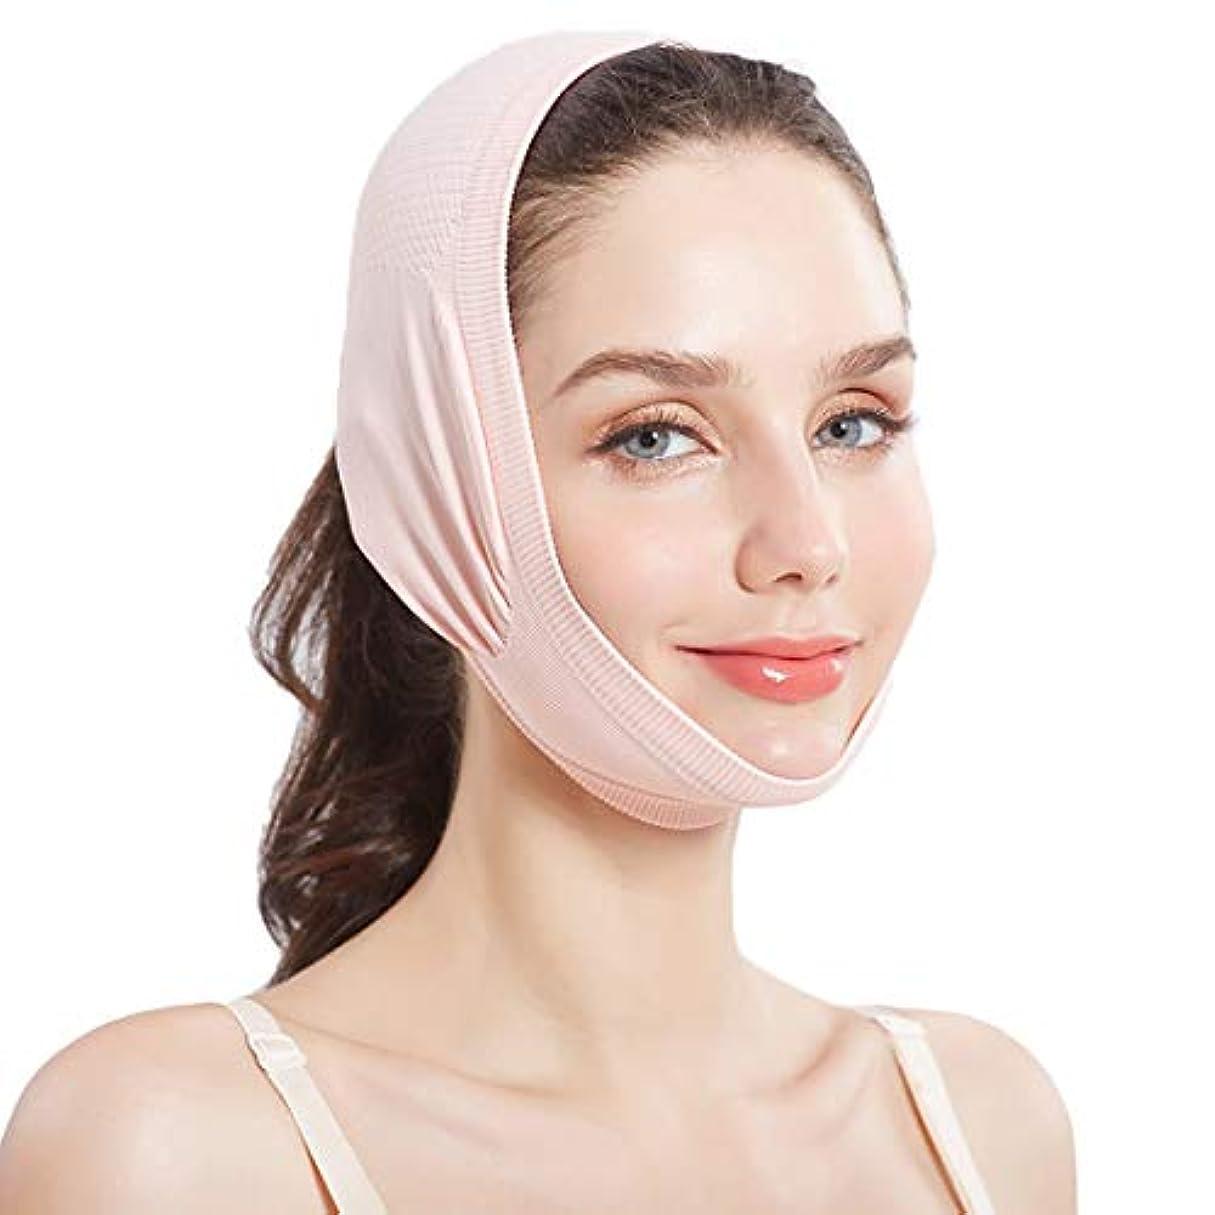 自発扱いやすい休暇ZWBD フェイスマスク, フェイスリフティング包帯マスクあごV整形マスク美容包帯マスクリフティング引き締めピンクベージュ (Color : Pink)